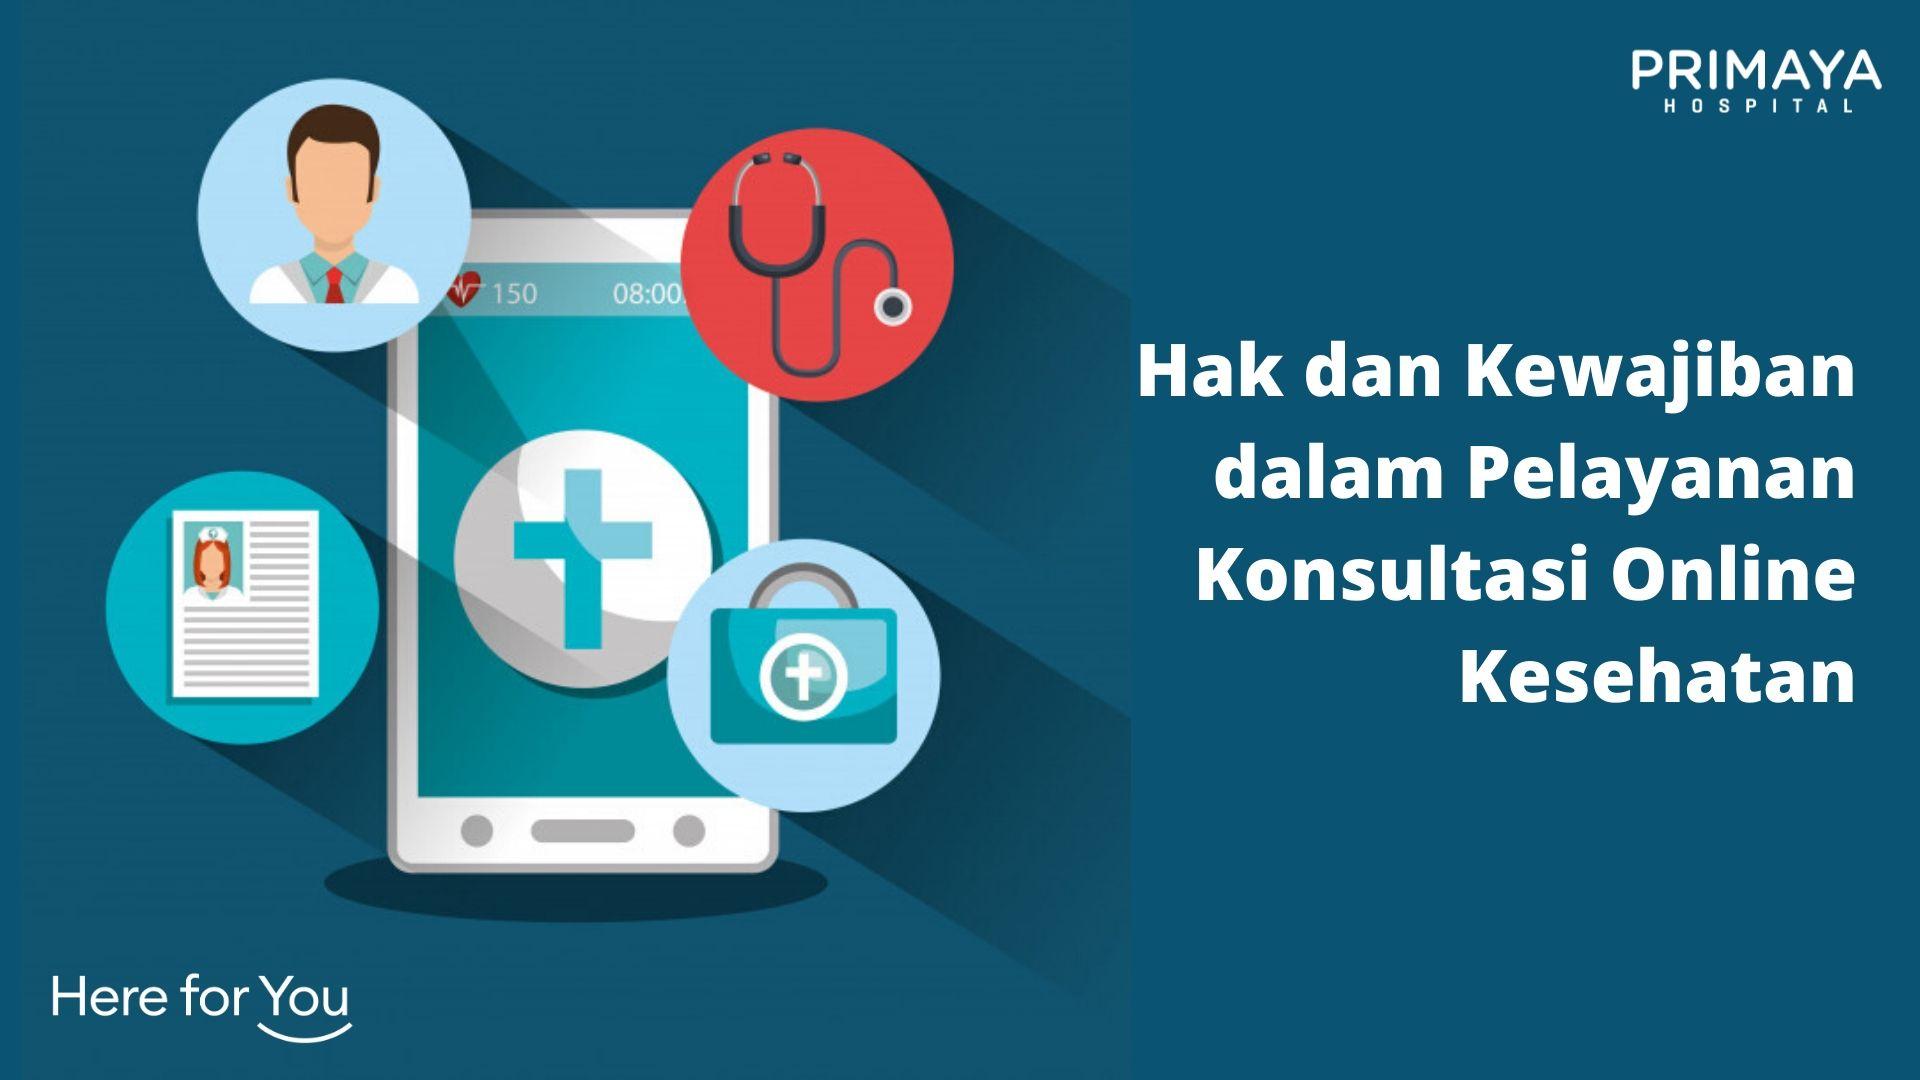 Hak dan Kewajiban dalam Pelayanan Konsultasi Online Kesehatan